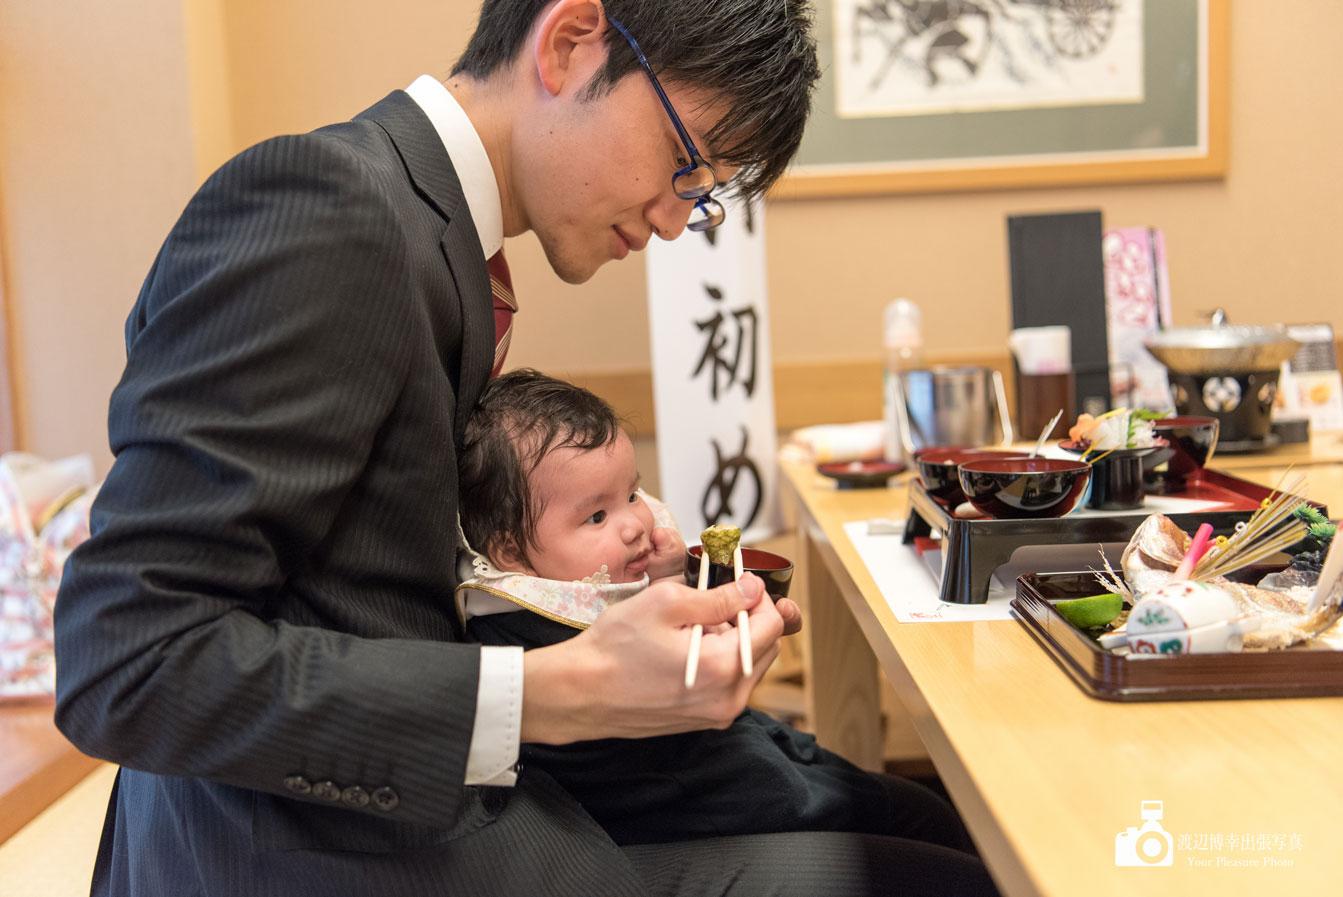 赤ちゃんにお食い初めの食事をさせるお父さん